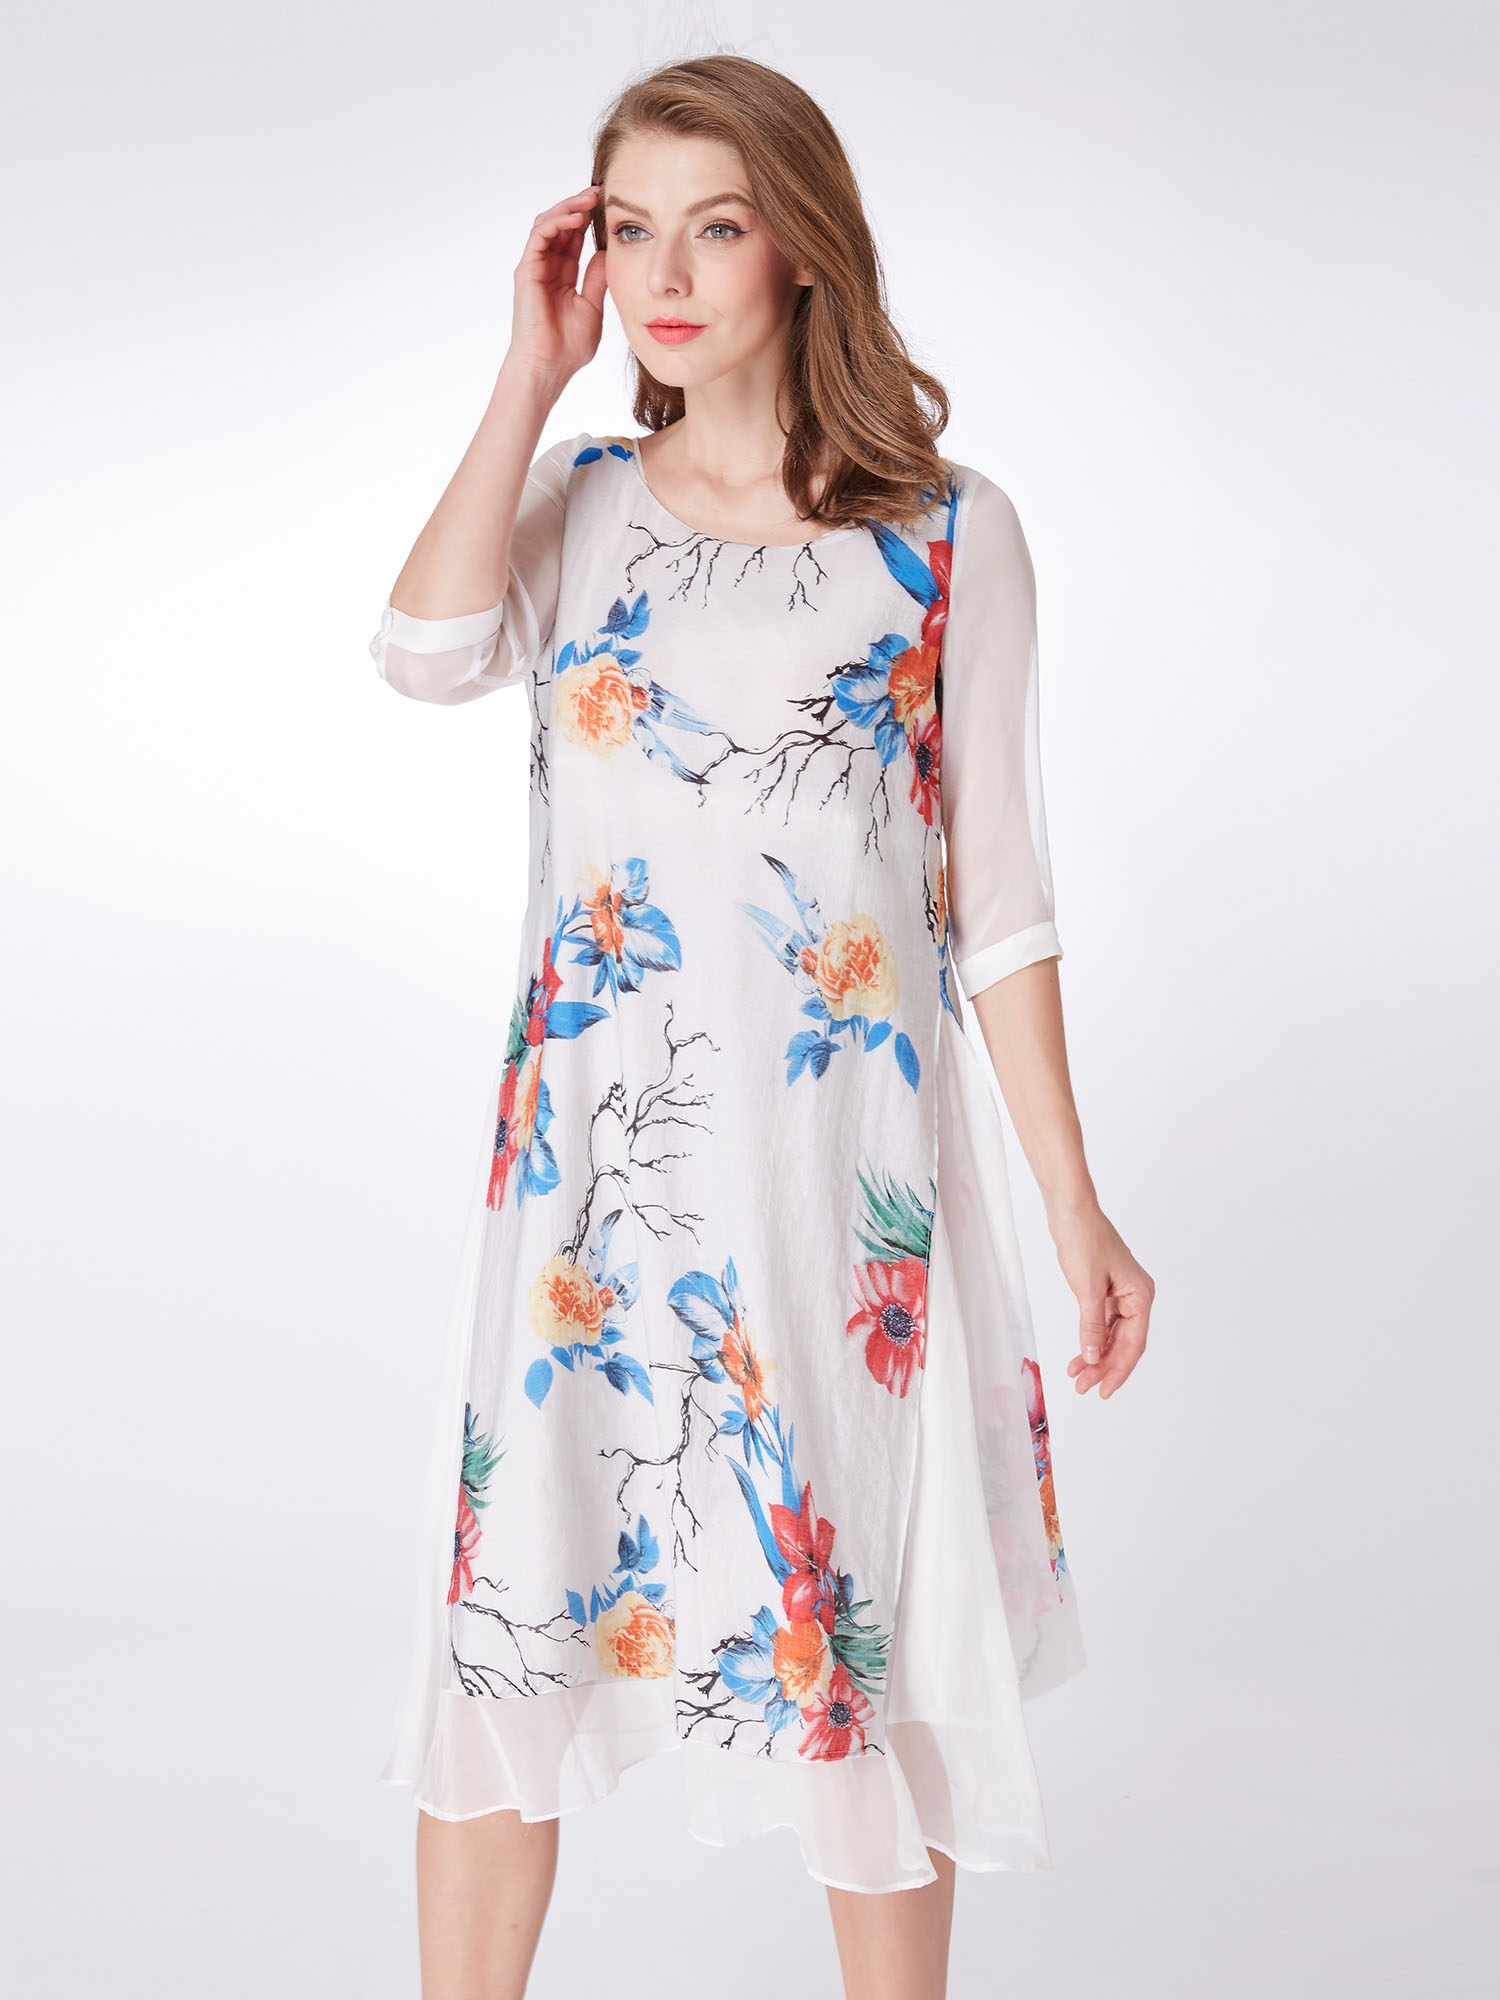 Alisa-Pan-Women-Casual-Dresses-Half-Sleeves-Flower-Printed-Beach-Dresses-04000